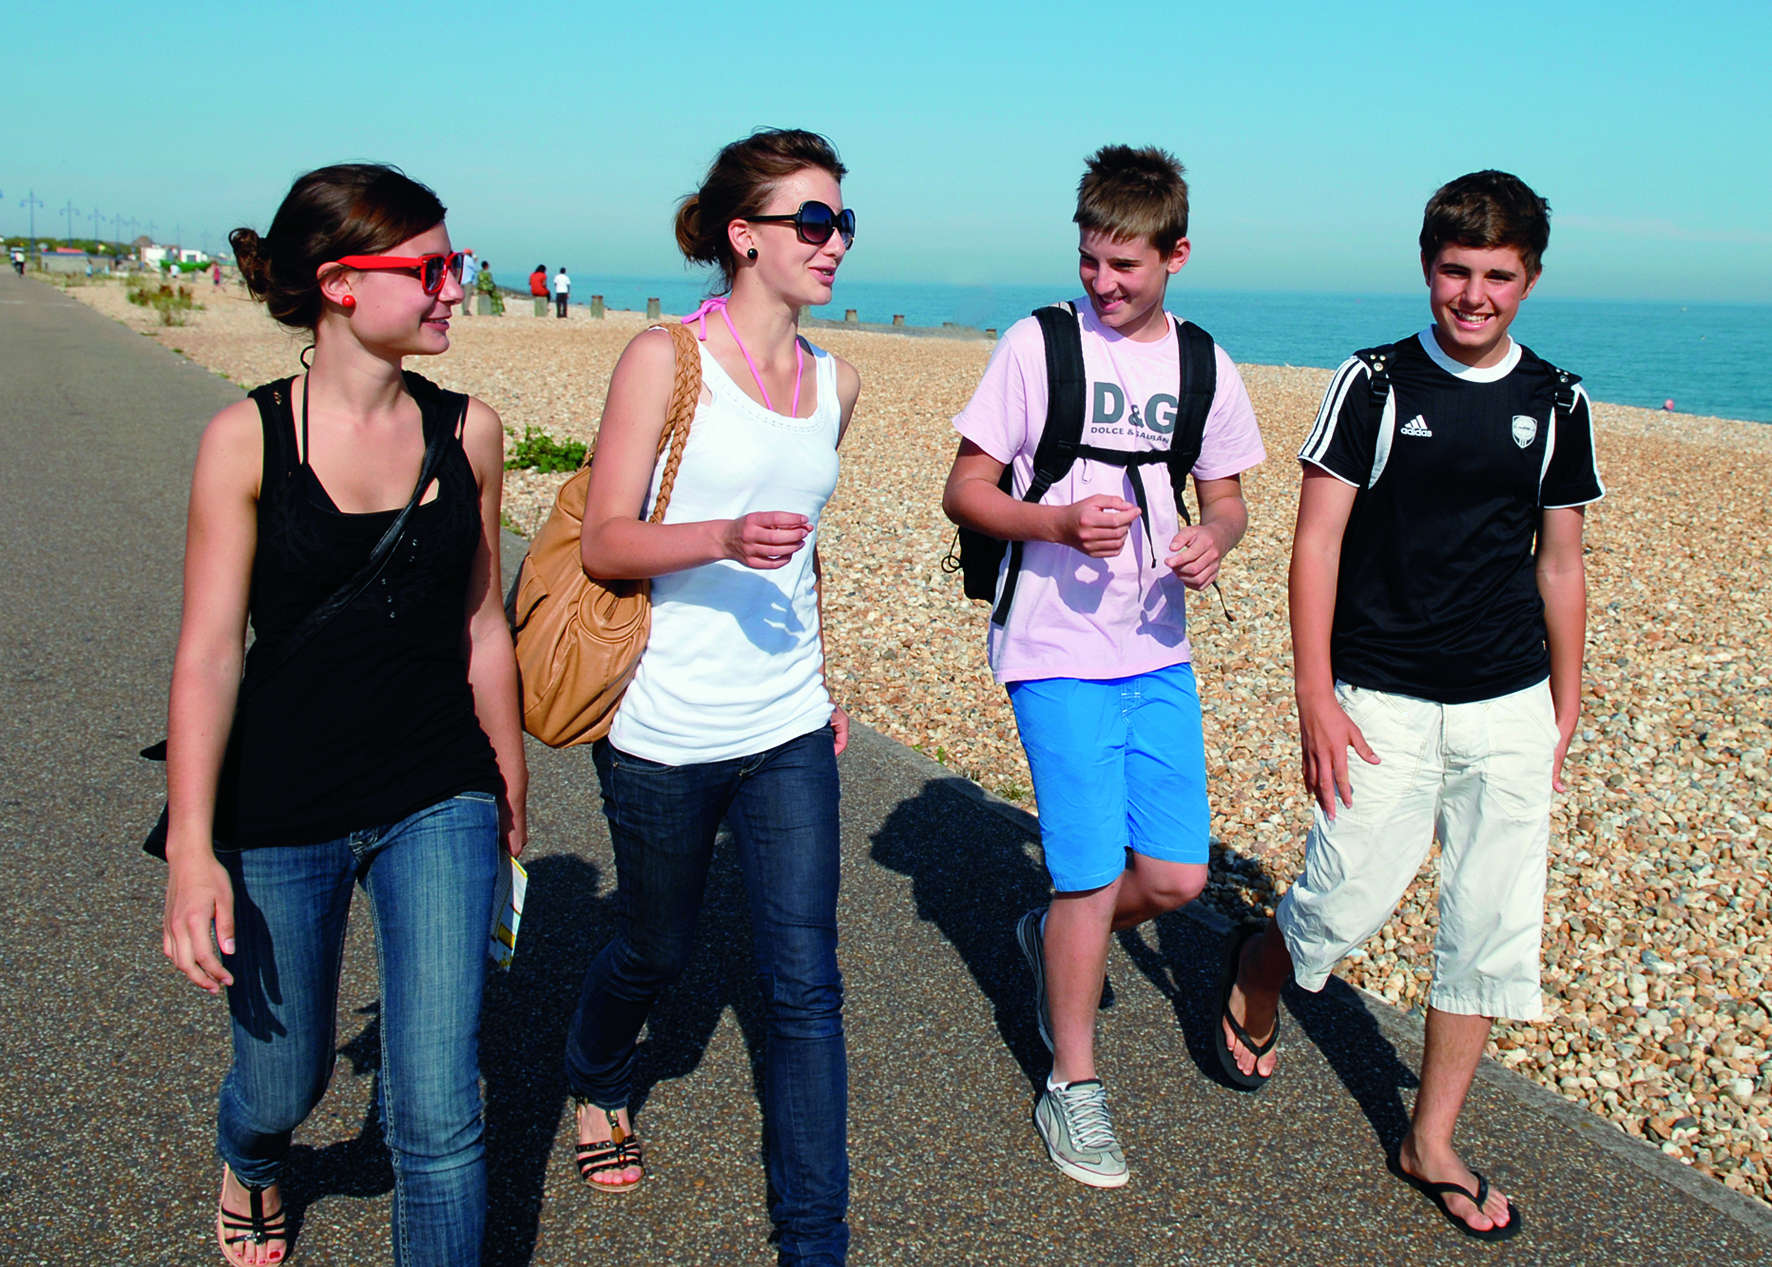 Schüler beim Strandspaziergang während einer Sprachreise